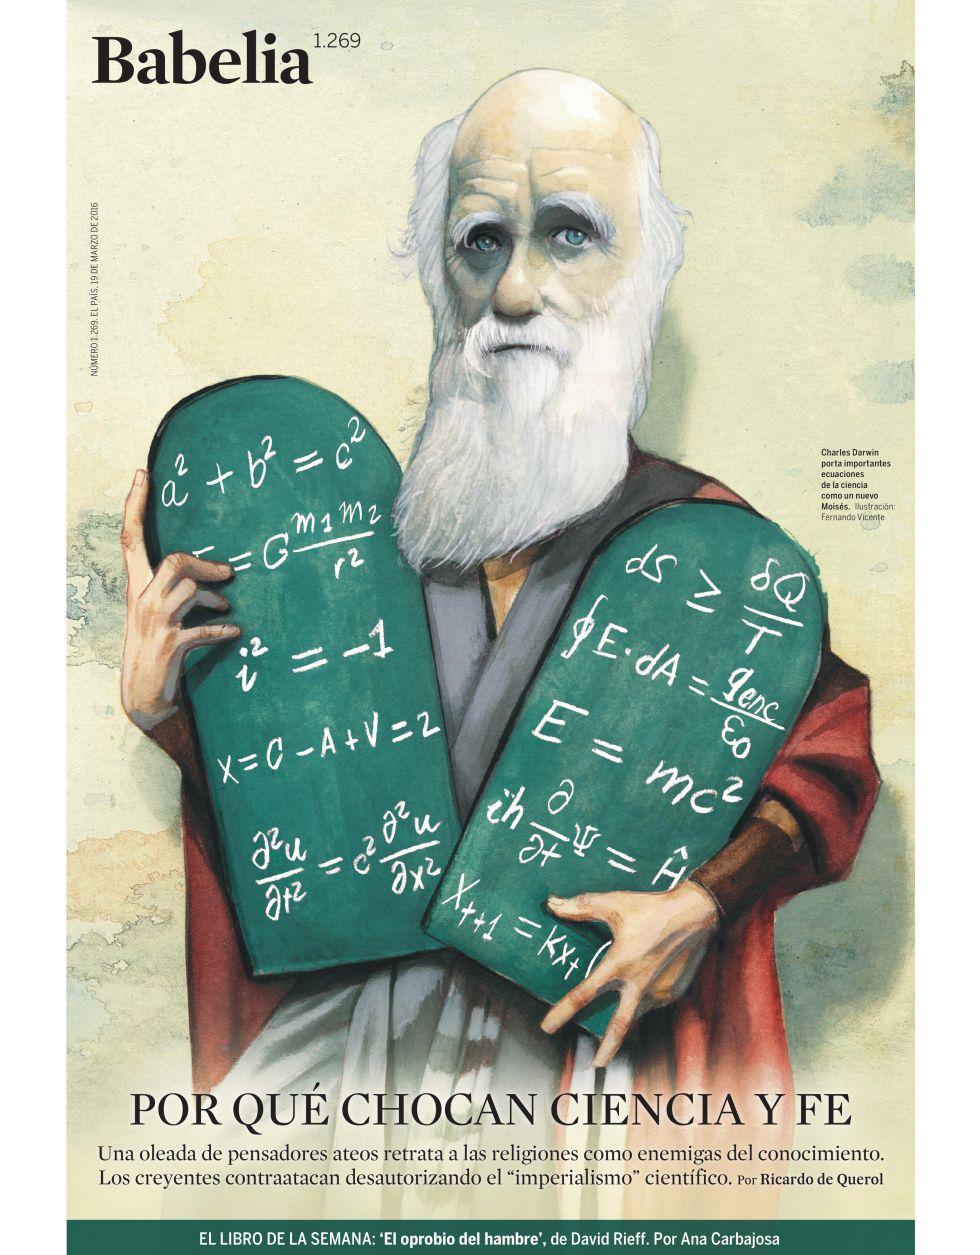 Charles Darwin porta ecuaciones de la ciencia como un nuevo Moisés.Ilustración: Fernando Vicente